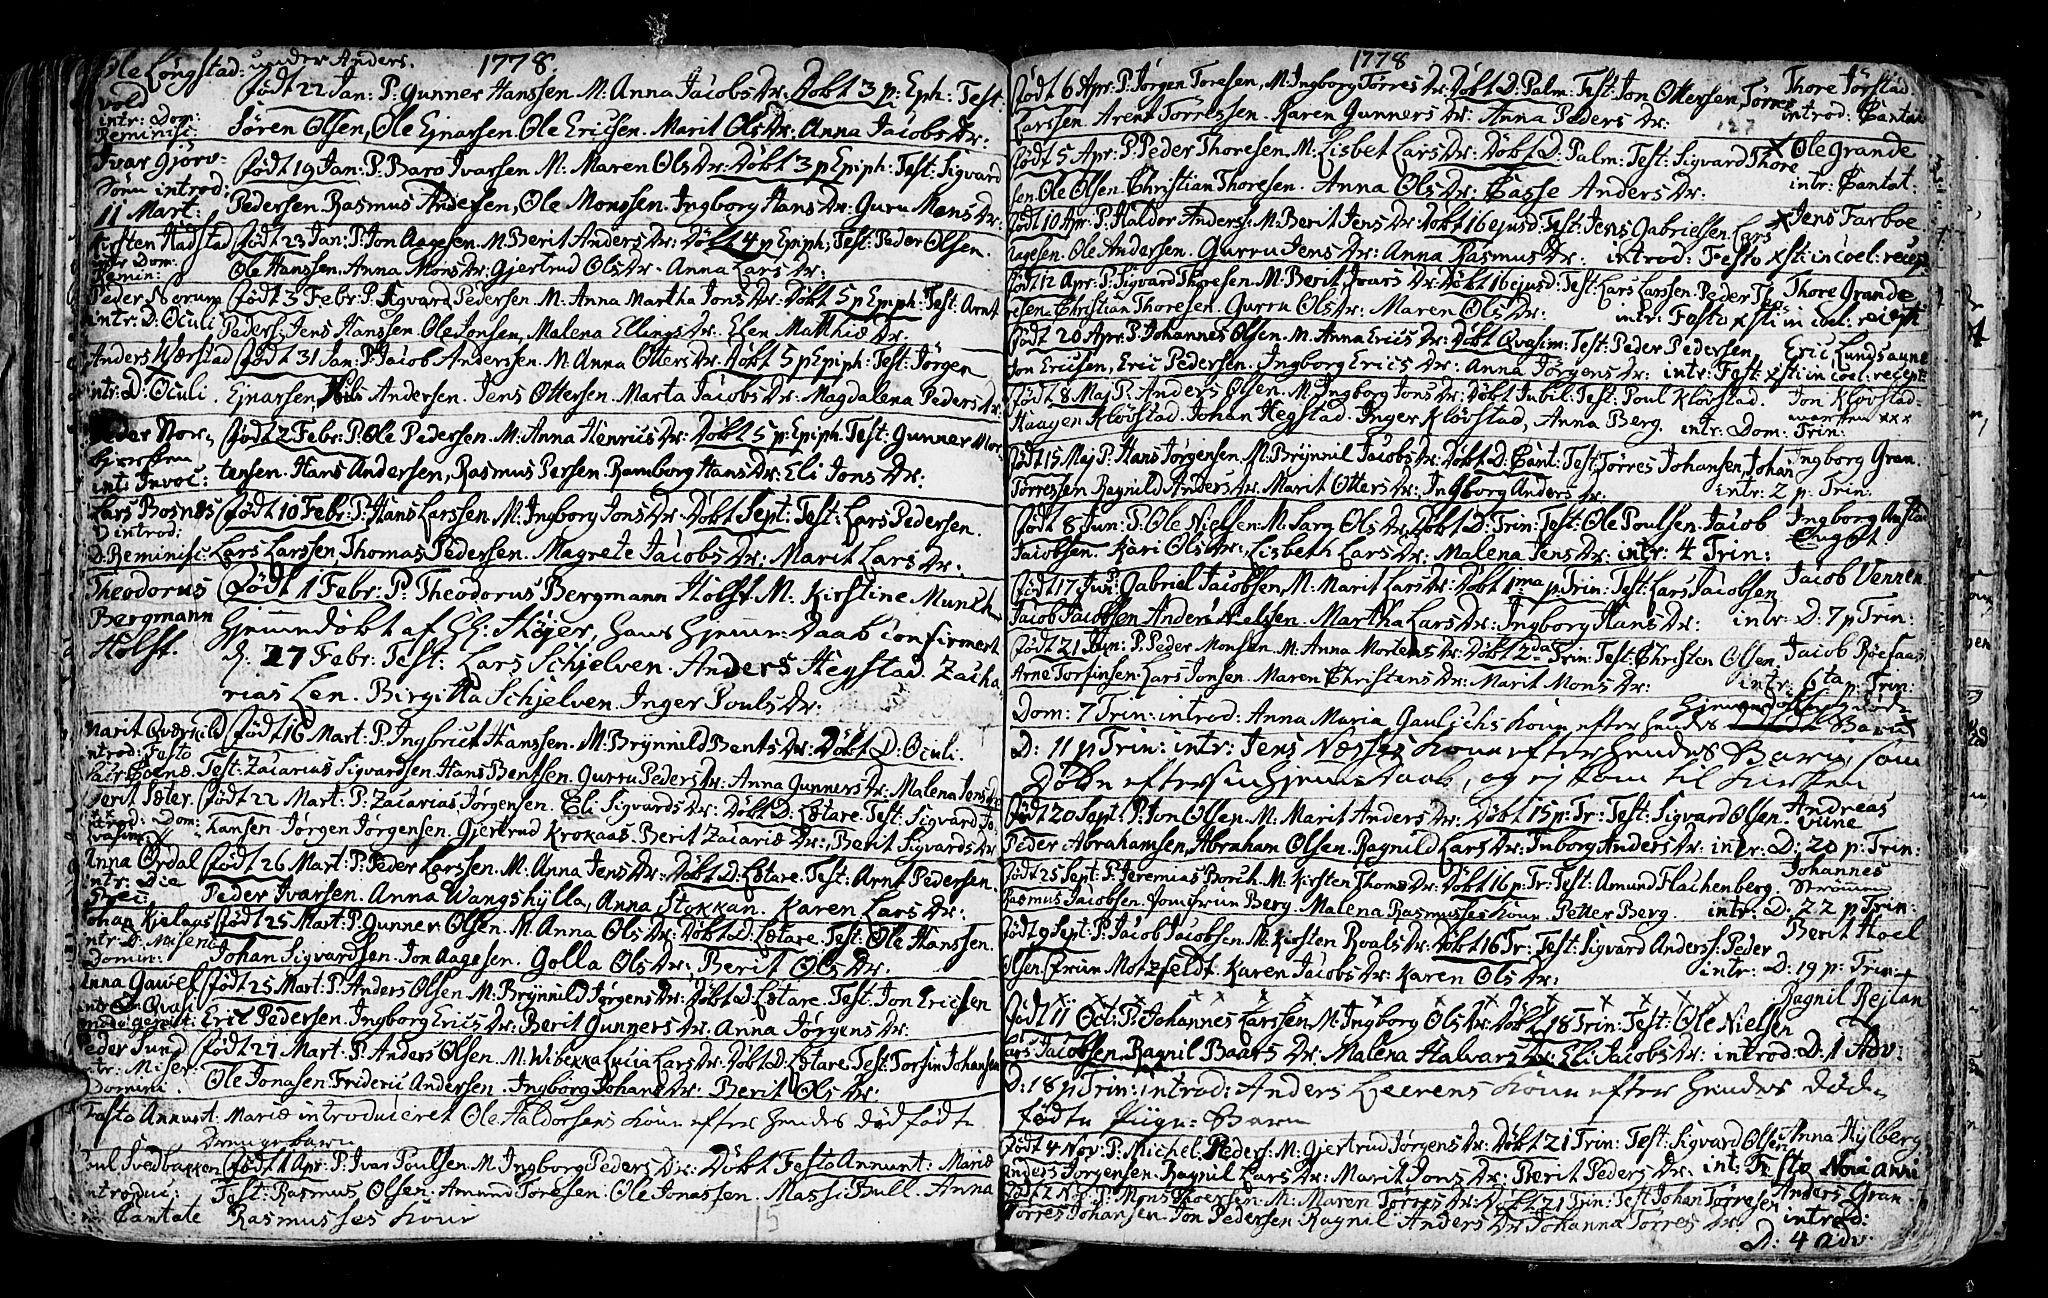 SAT, Ministerialprotokoller, klokkerbøker og fødselsregistre - Nord-Trøndelag, 730/L0273: Ministerialbok nr. 730A02, 1762-1802, s. 127